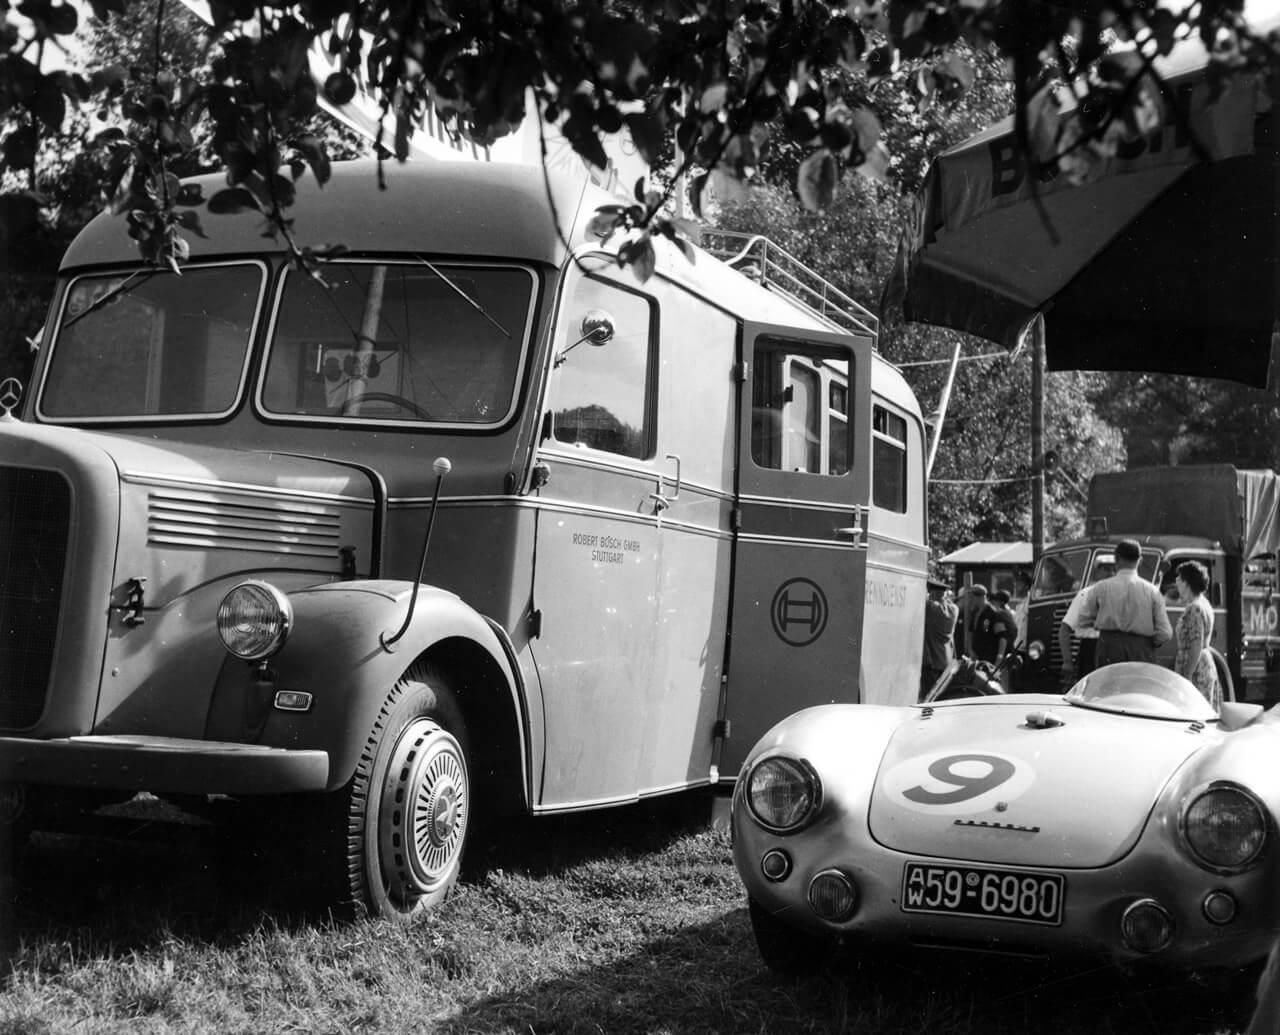 Bosch szervizbusz az 1950-es évekből – a cégcsoportnak komoly hagyományai vannak a motorsport terén is